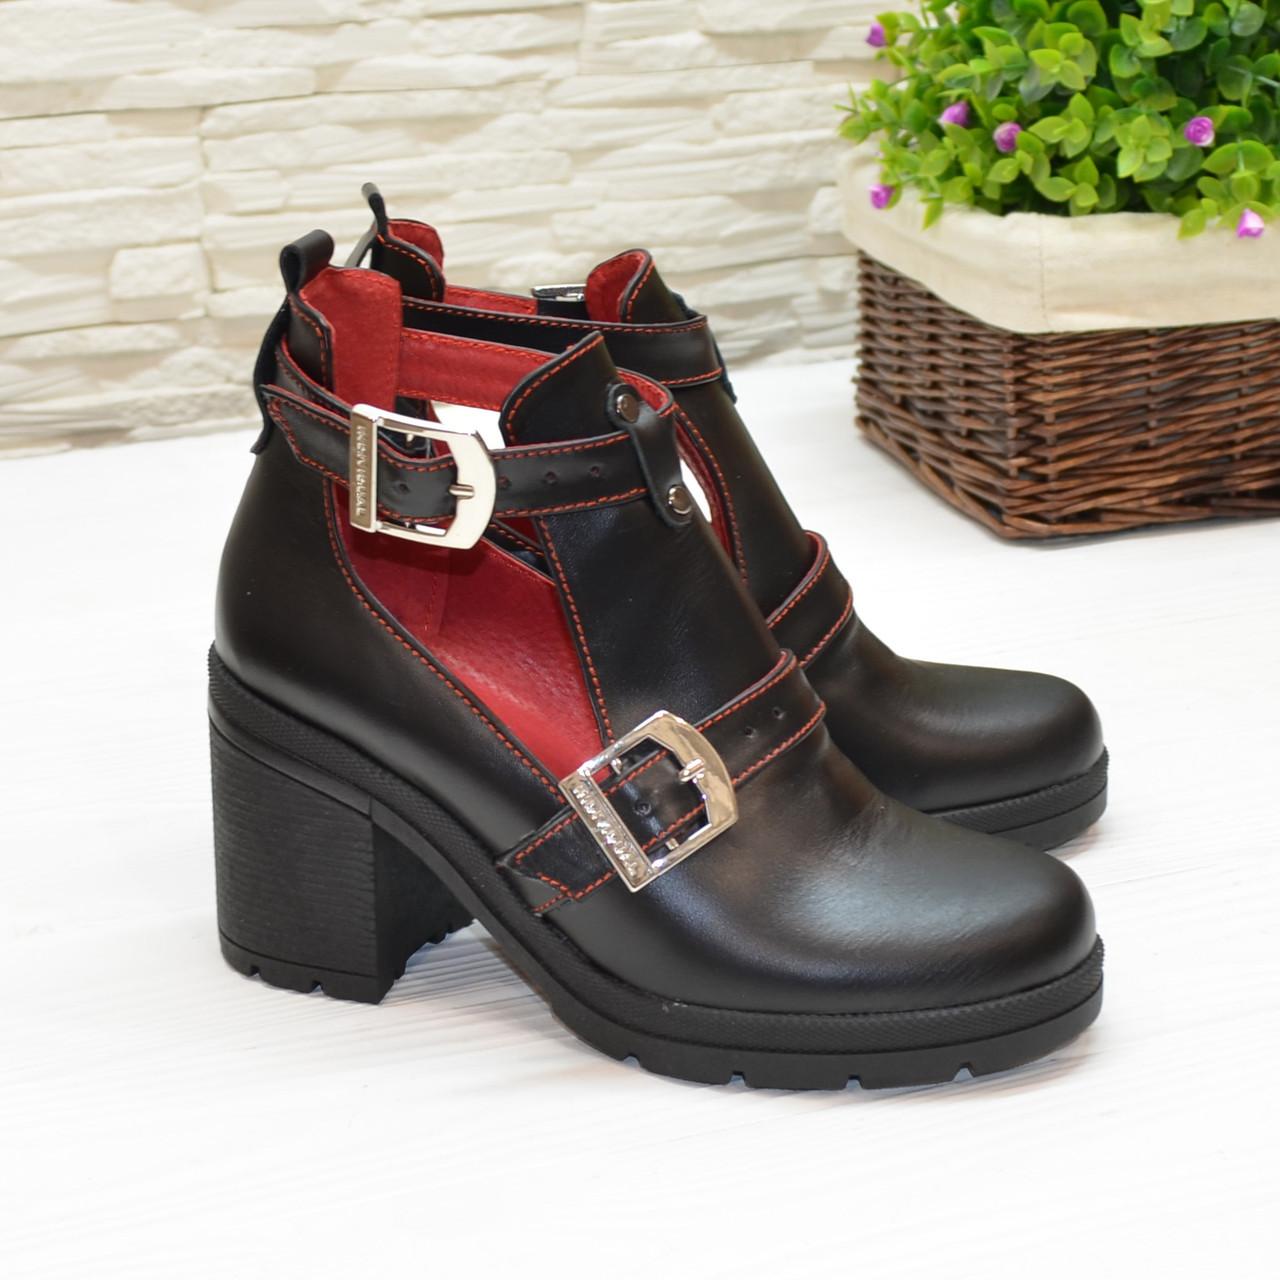 Ботильоны открытые кожаные женские на каблуке, цвет черный/красный